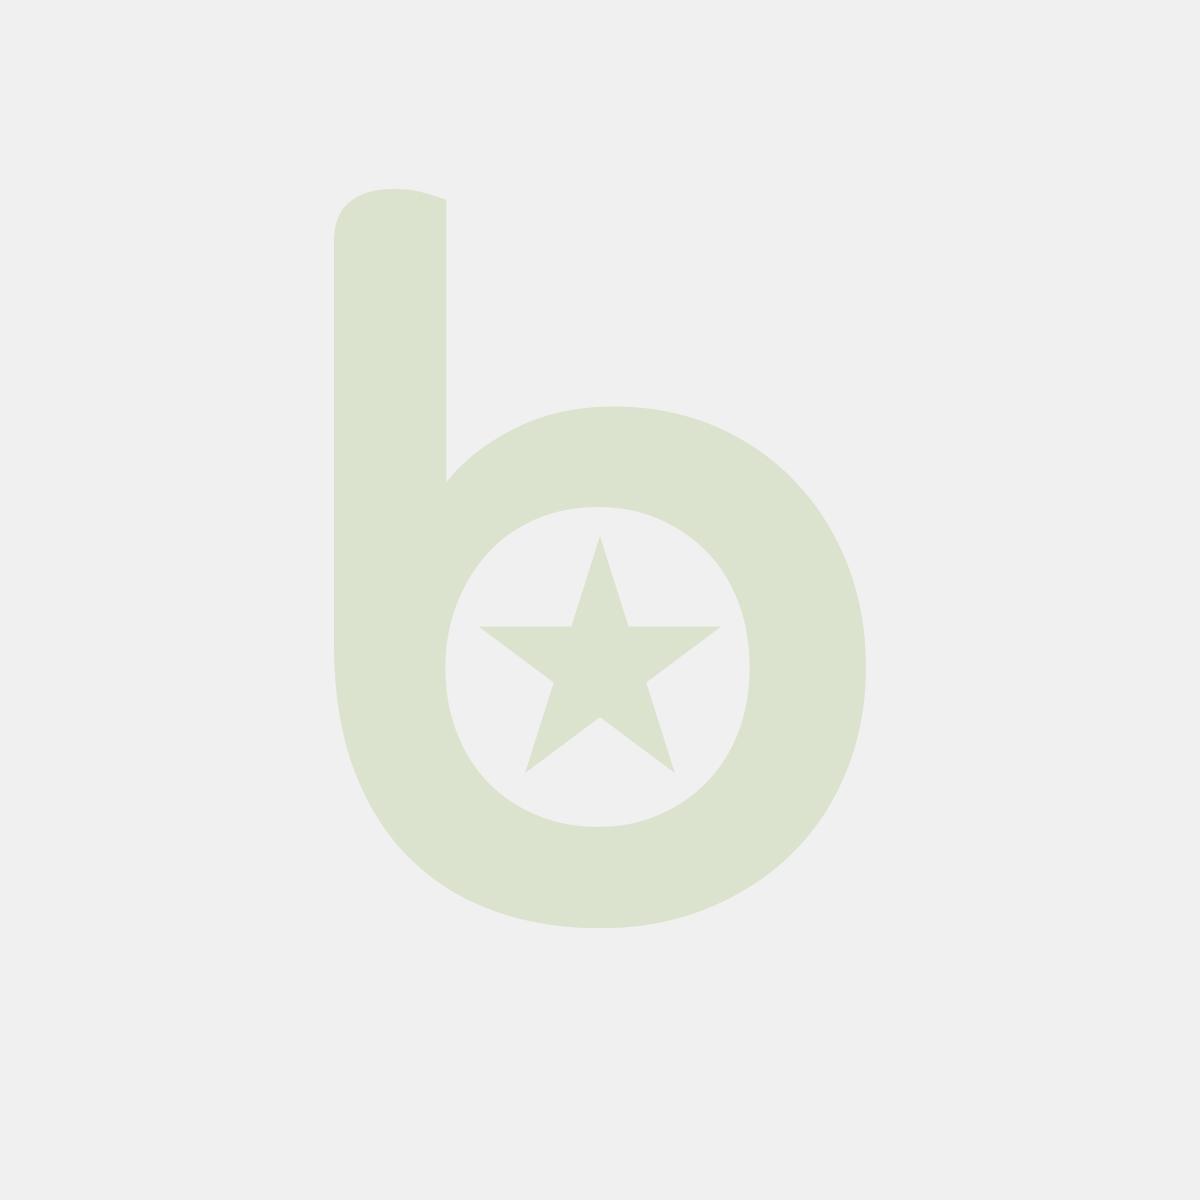 Cienkopis SCHNEIDER Line-Up, 0,4mm, żółty neonowy